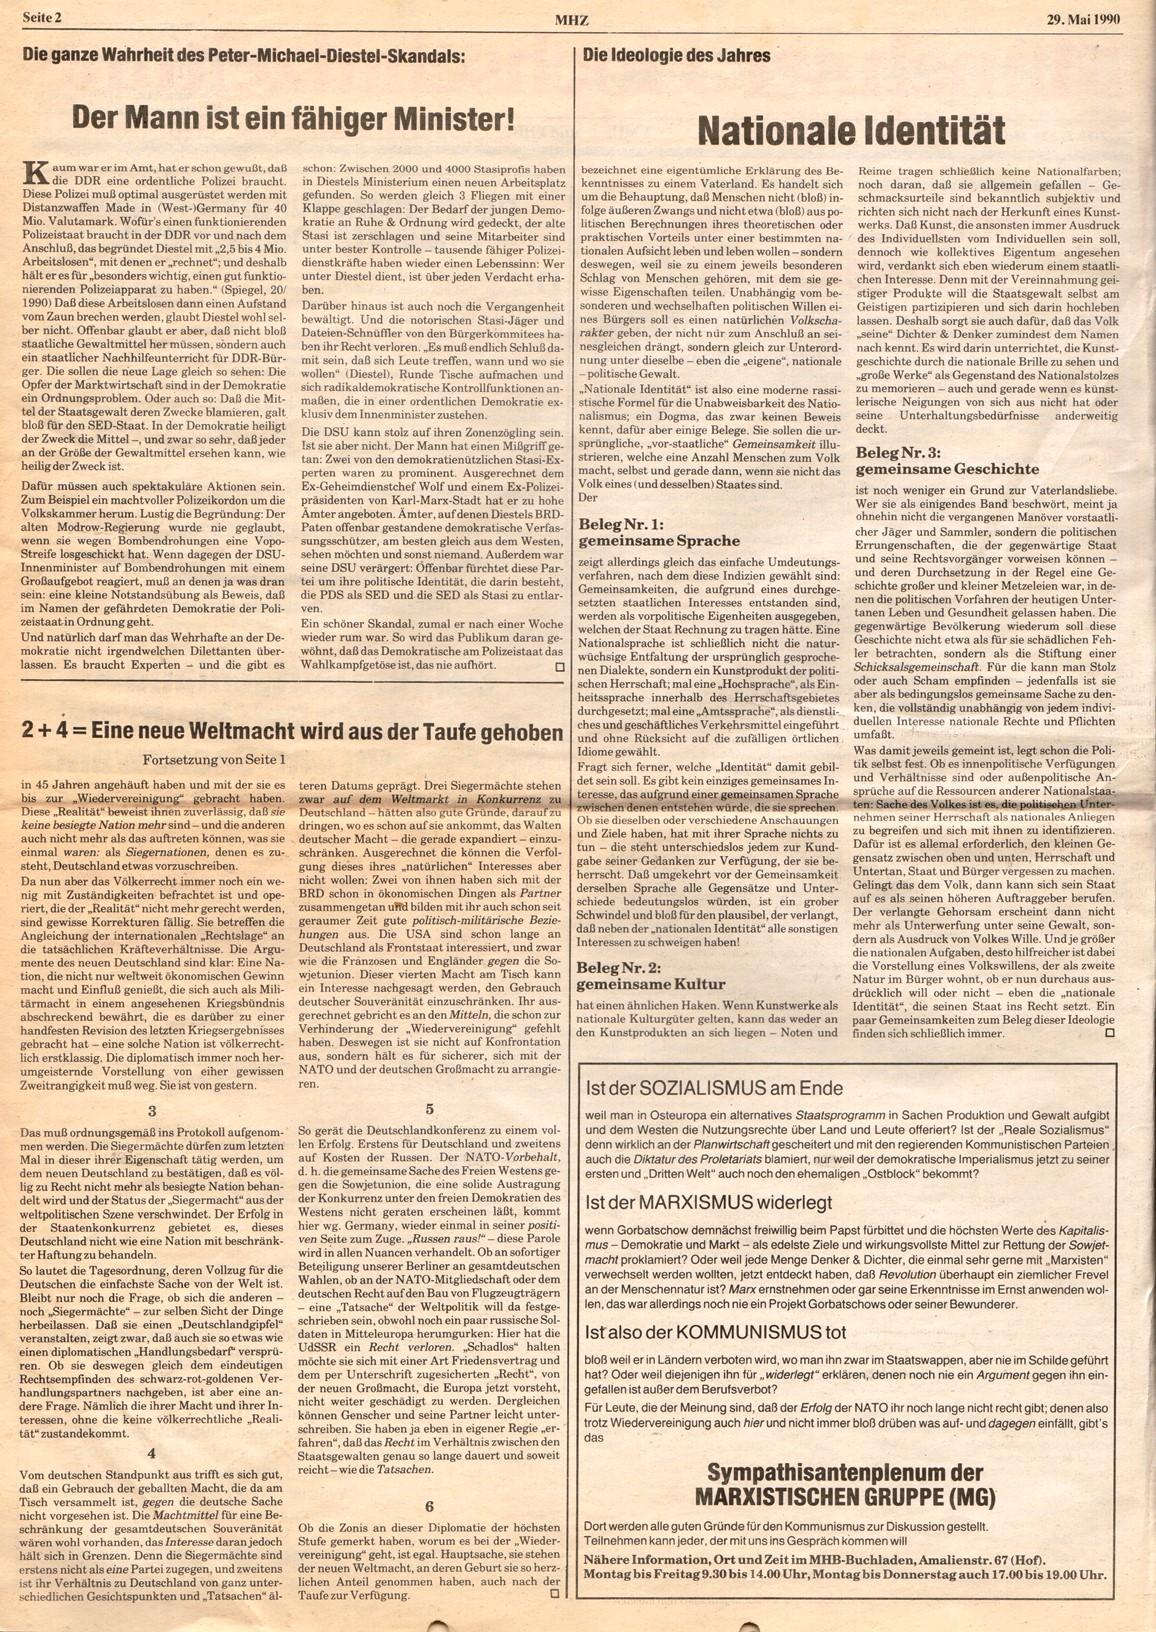 Muenchen_MG_Hochschulzeitung_19900529_02